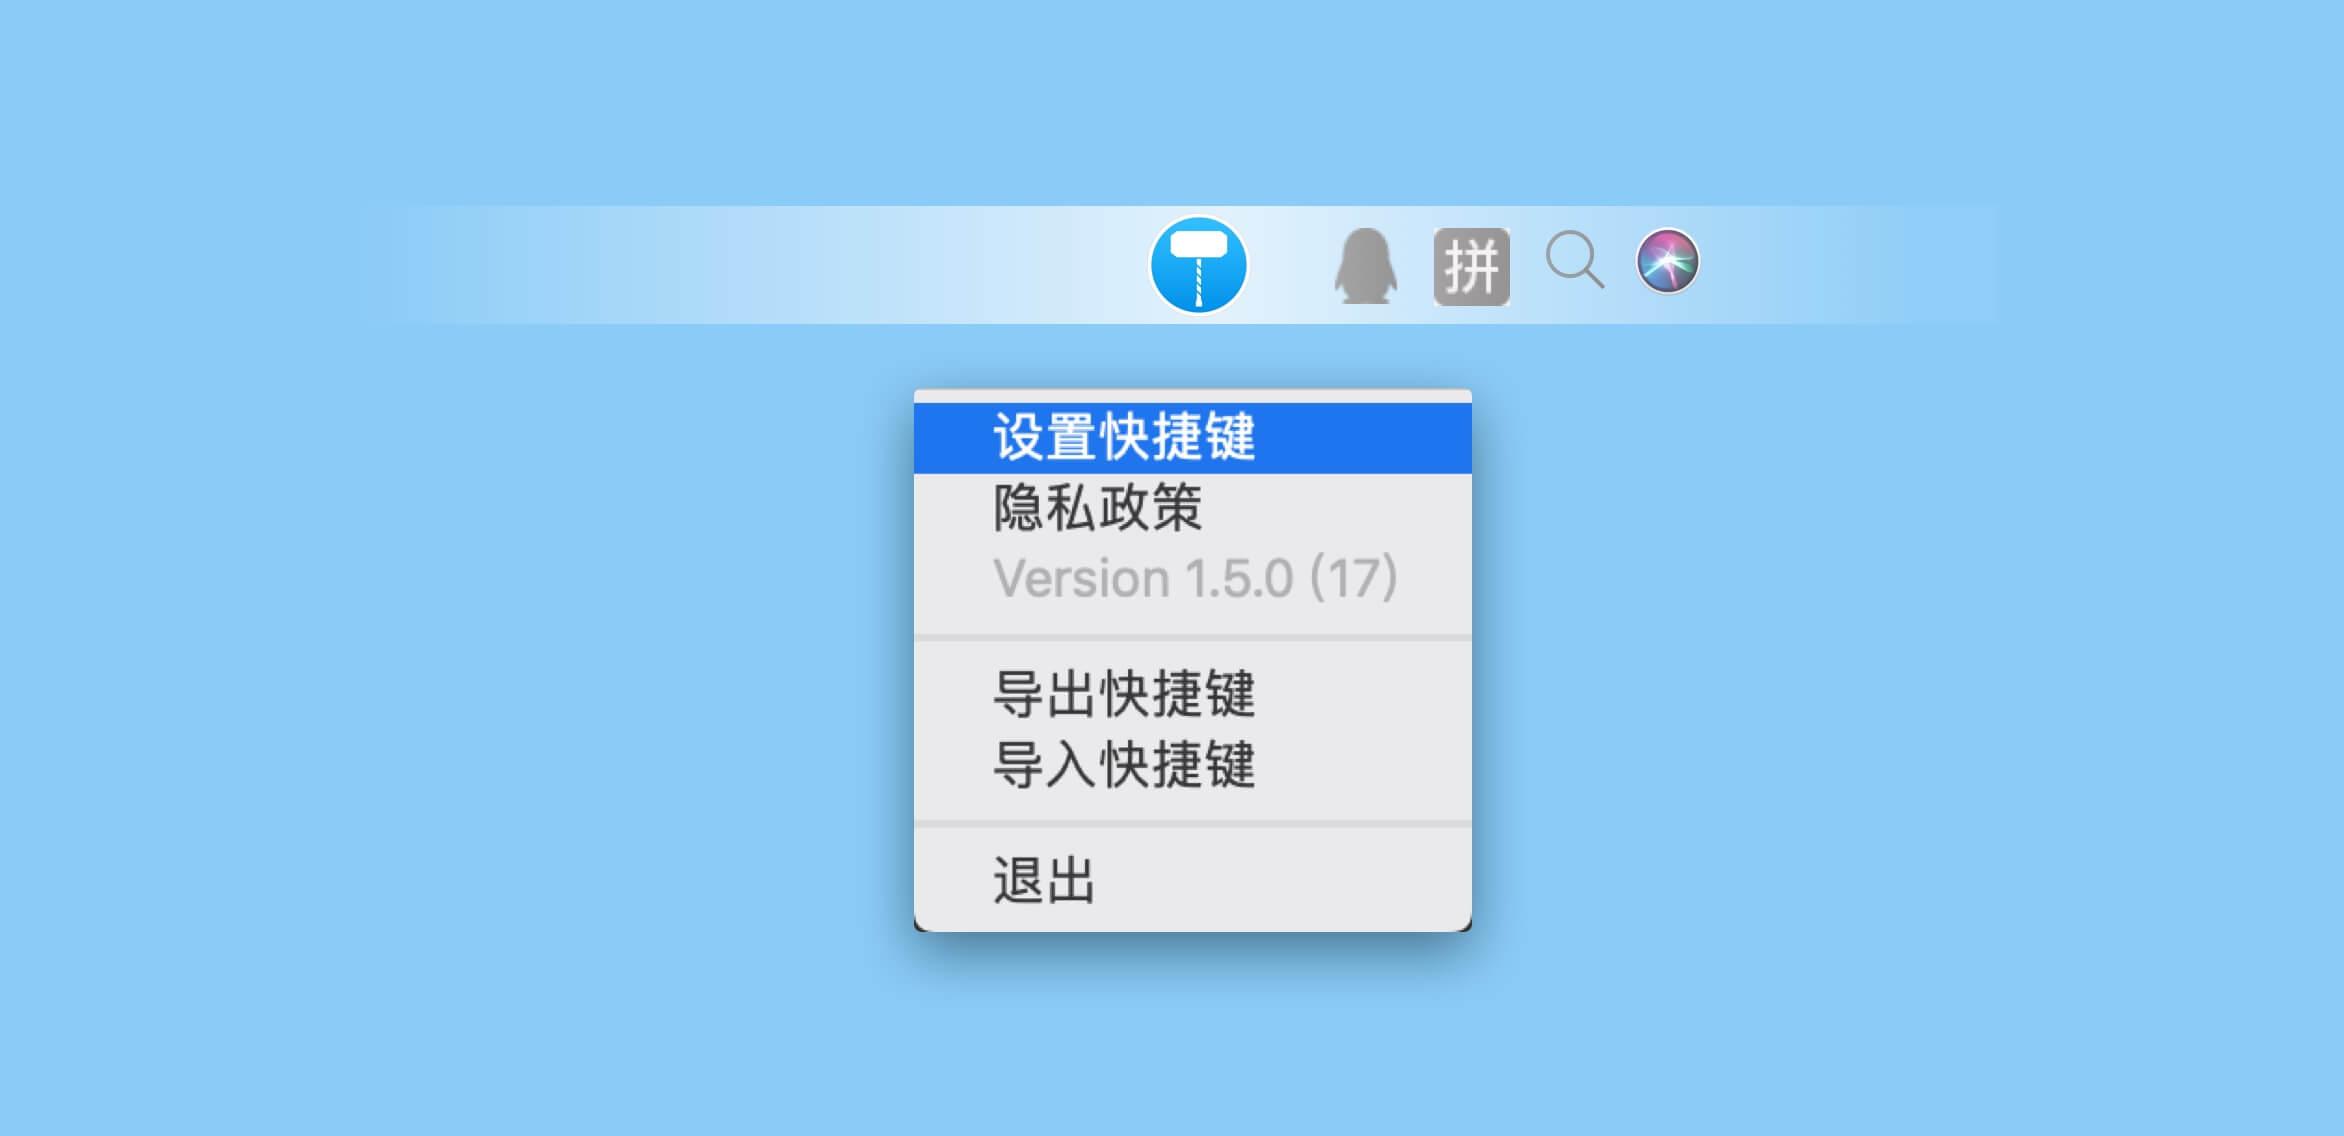 Thor :Mac 上应用程序快速启动或切换工具插图1